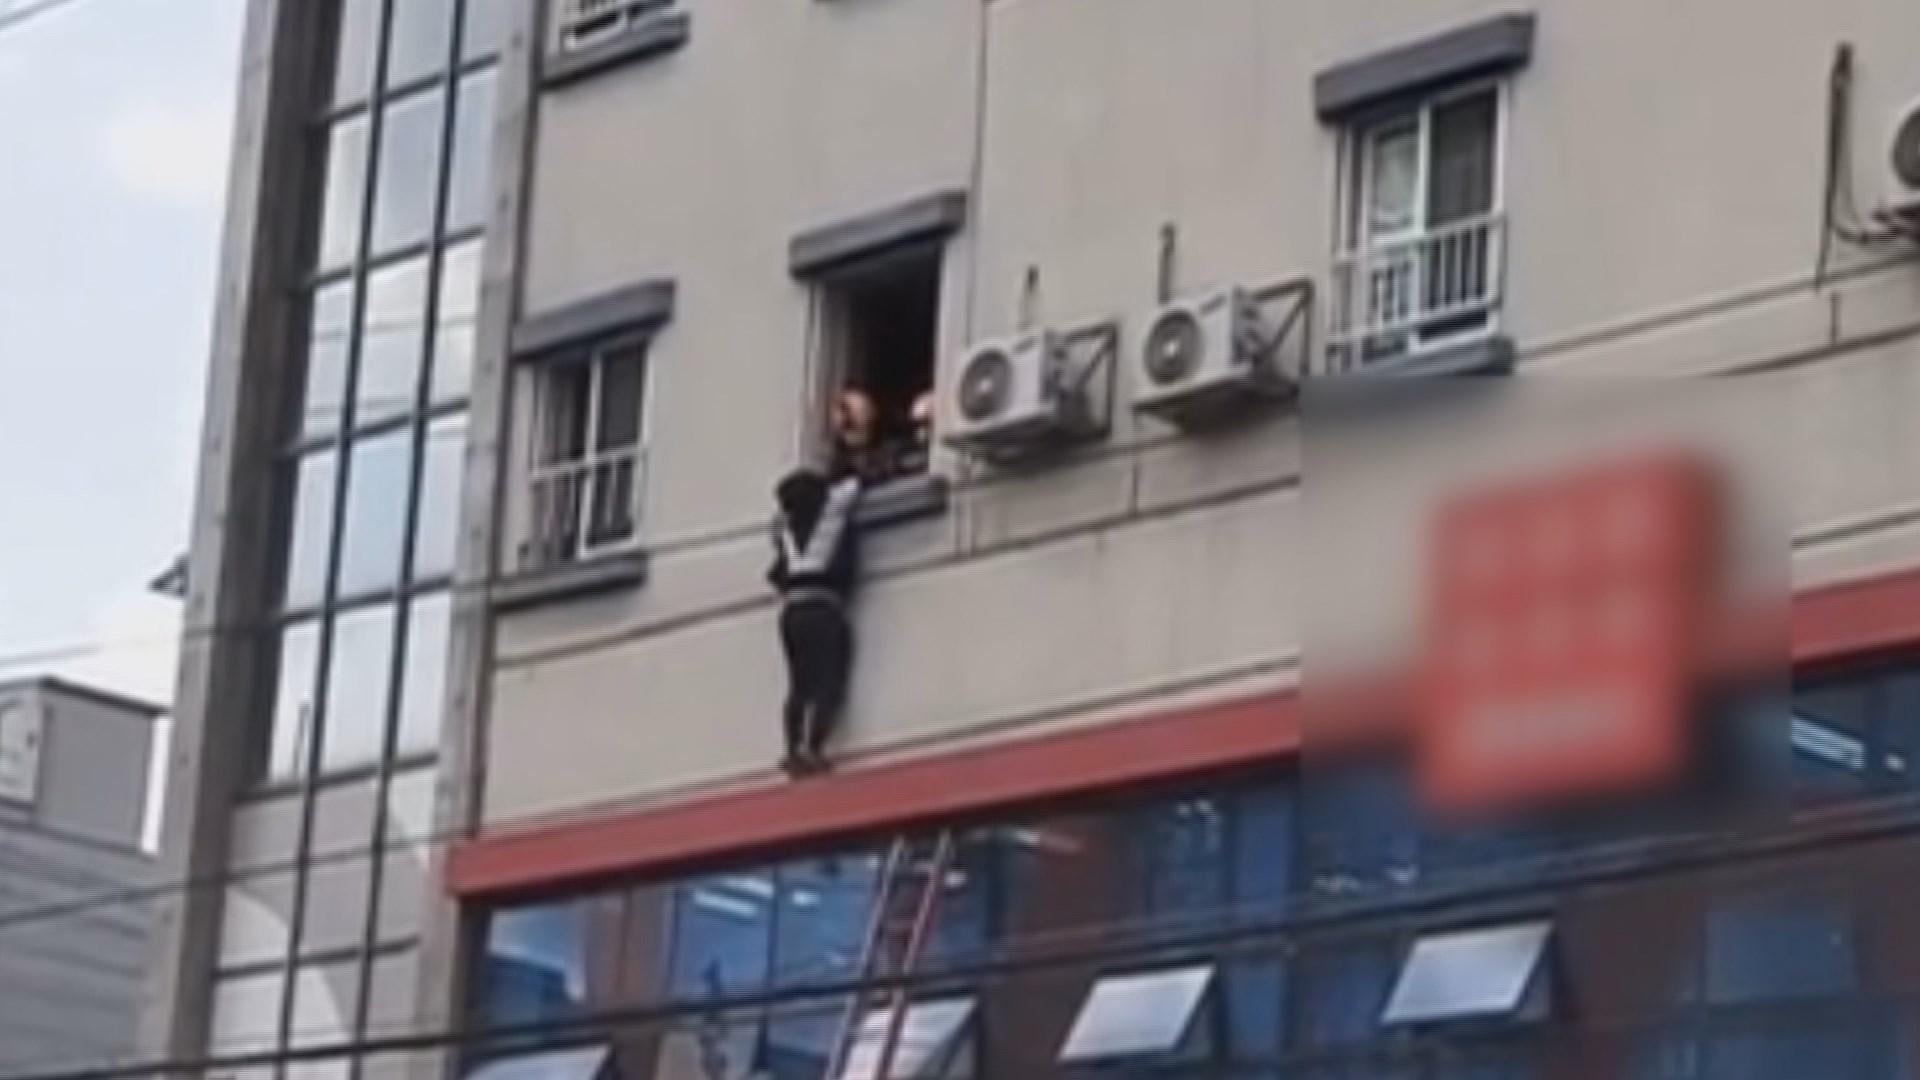 모텔 창문에 매달린 절도범, 119 구조된 뒤 체포돼